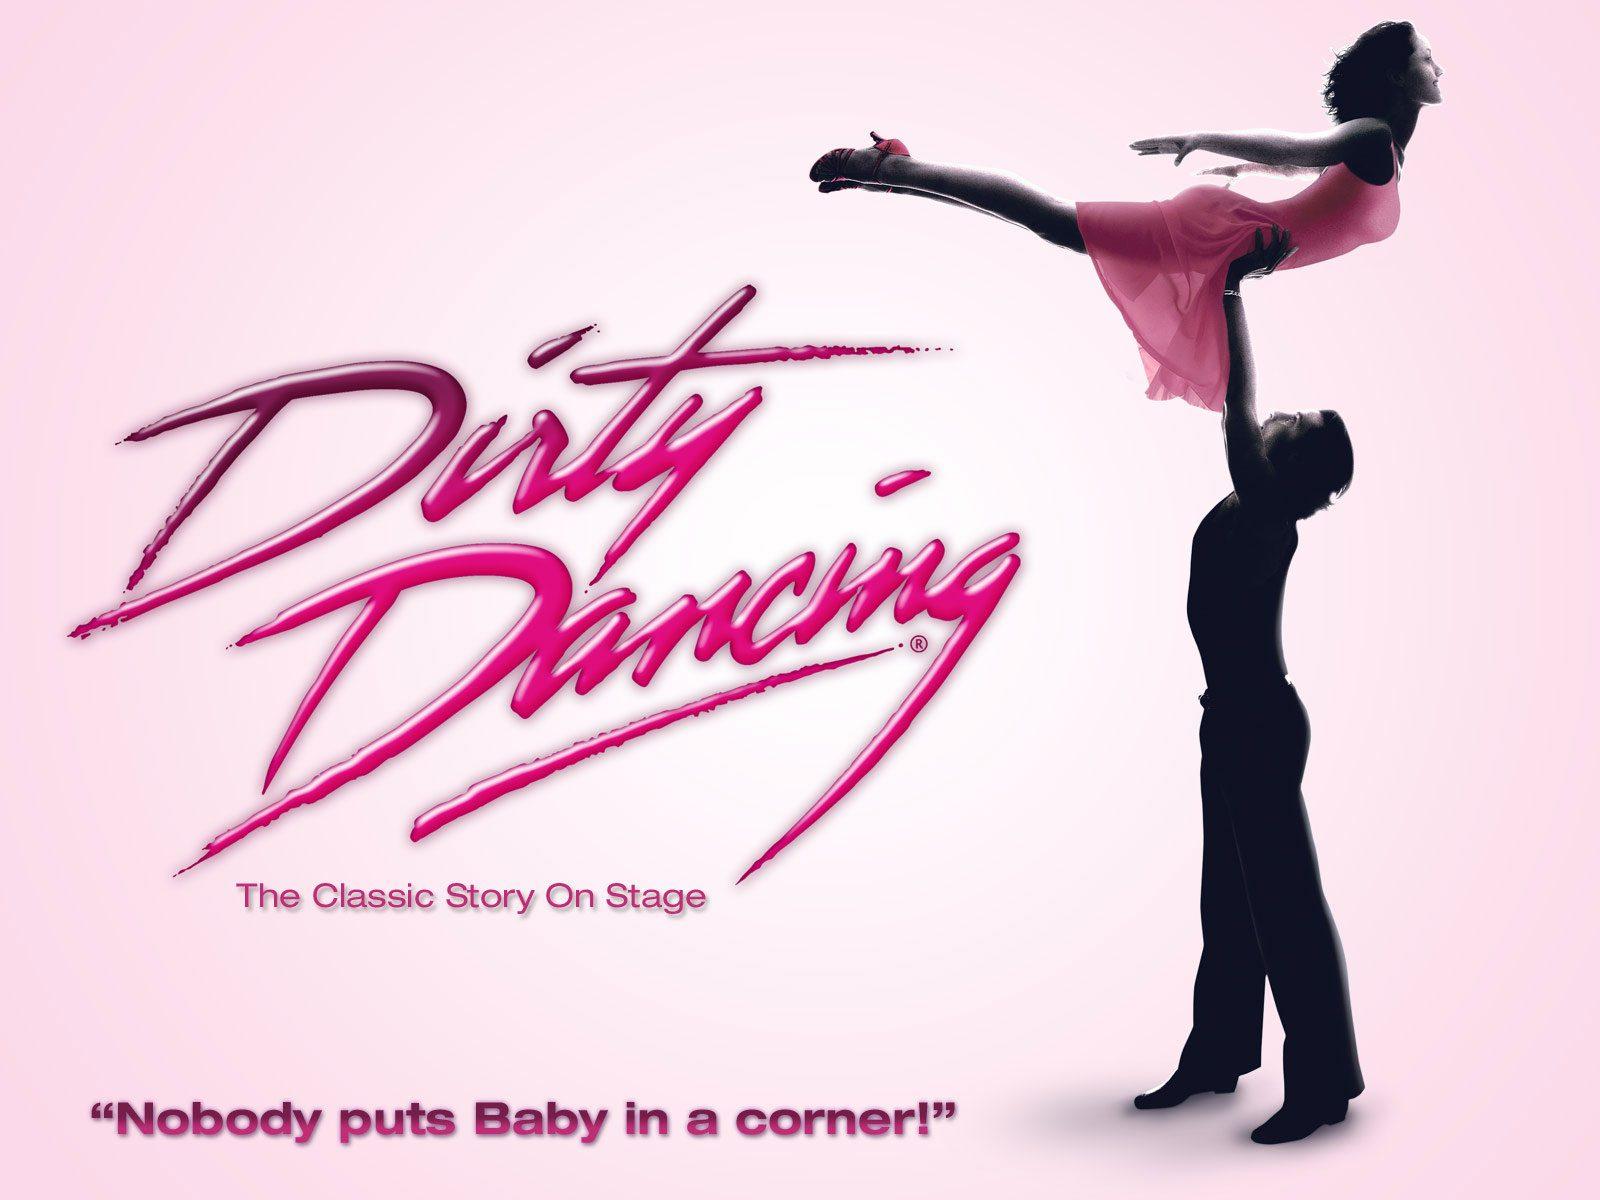 La comédie musicale Dirty Dancing bientôt au Galaxie d'Amnéville